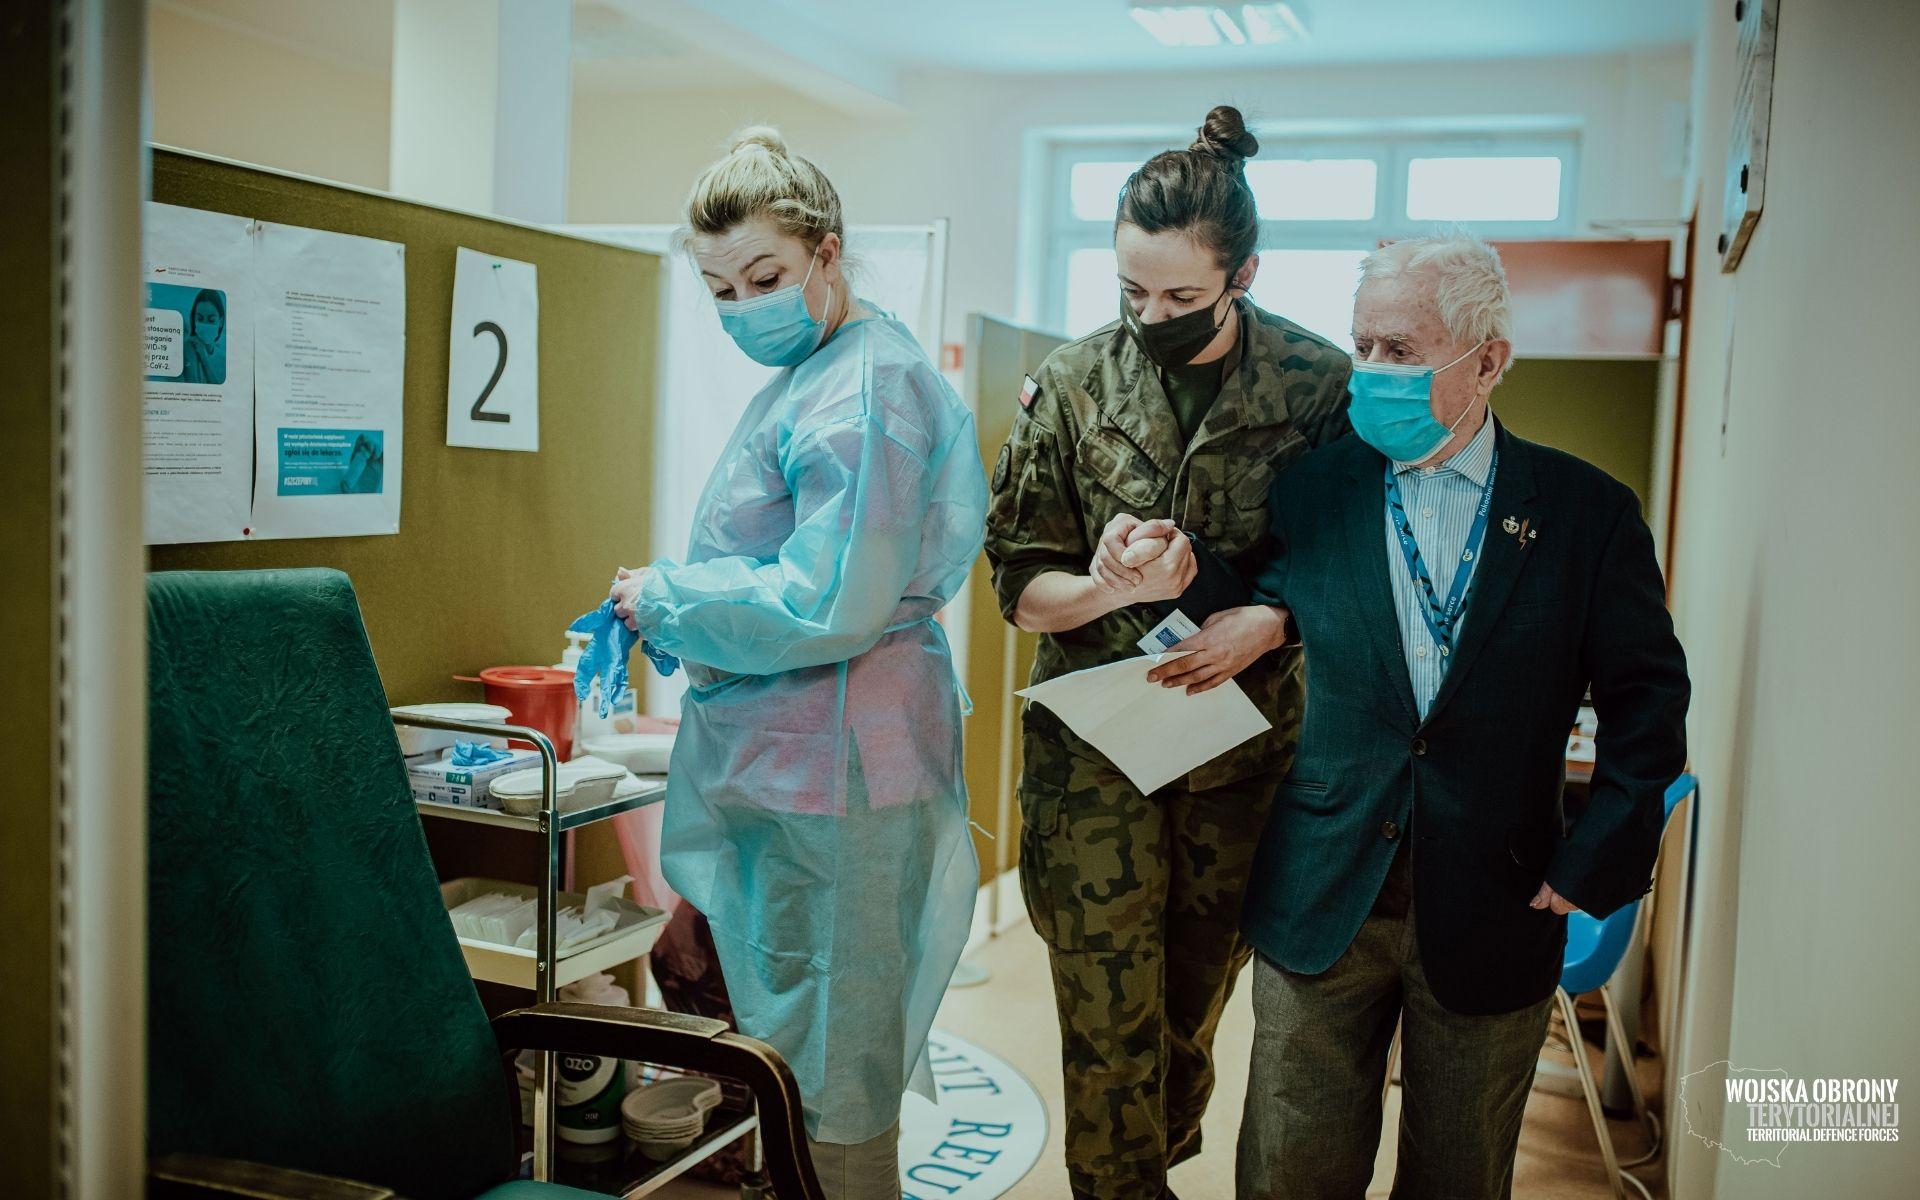 Lubelscy terytorialsi pomagają w szczepieniach przeciw COVID-19 - Zdjęcie główne